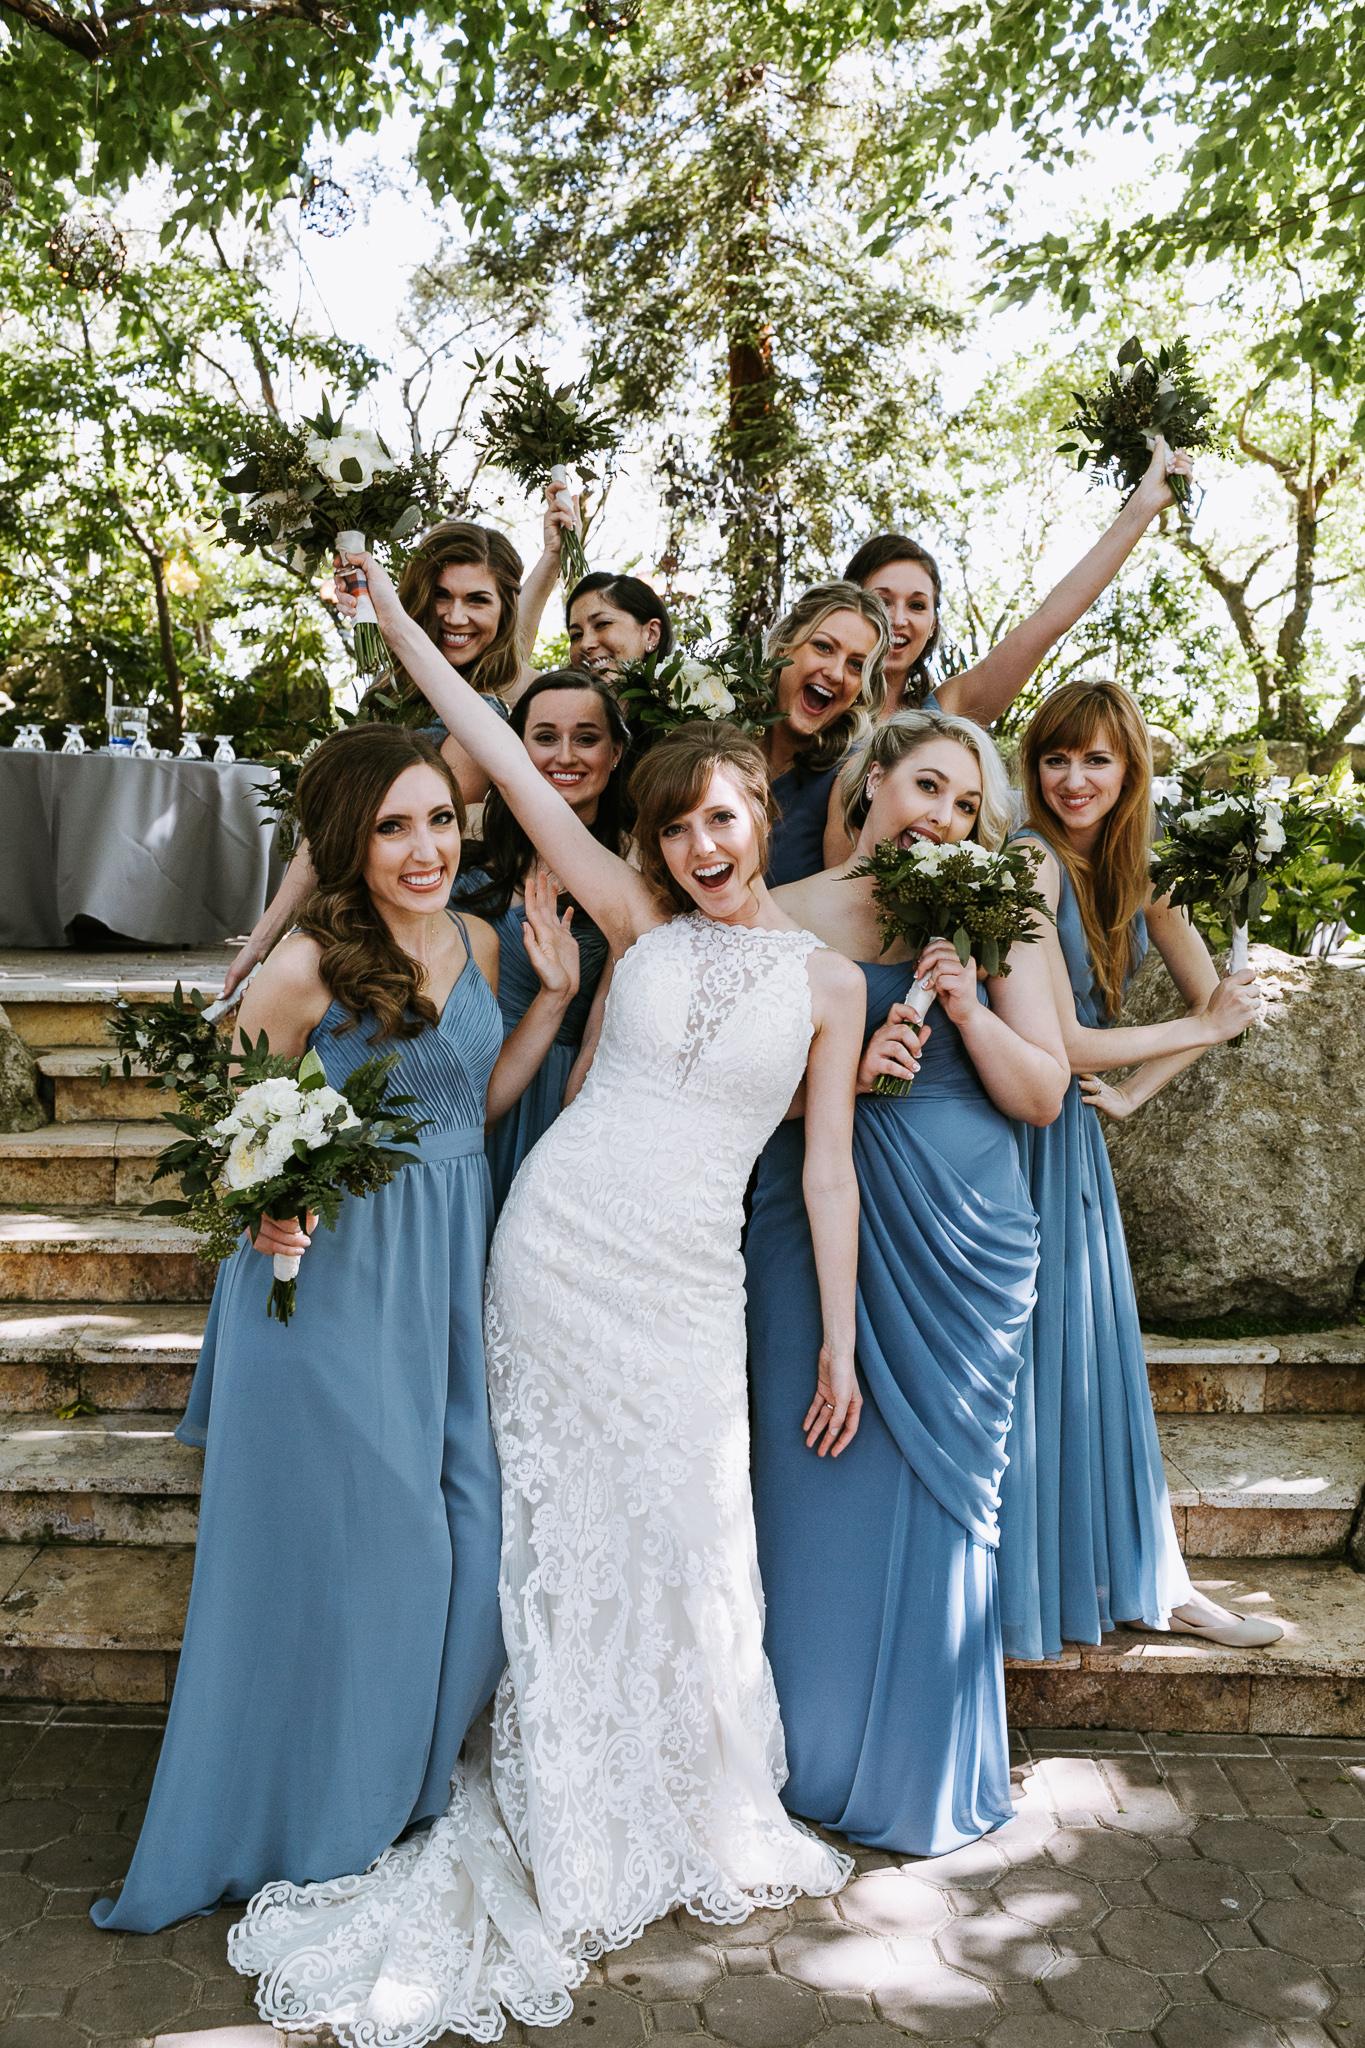 BayArea-Wedding-Photographer-31.jpg